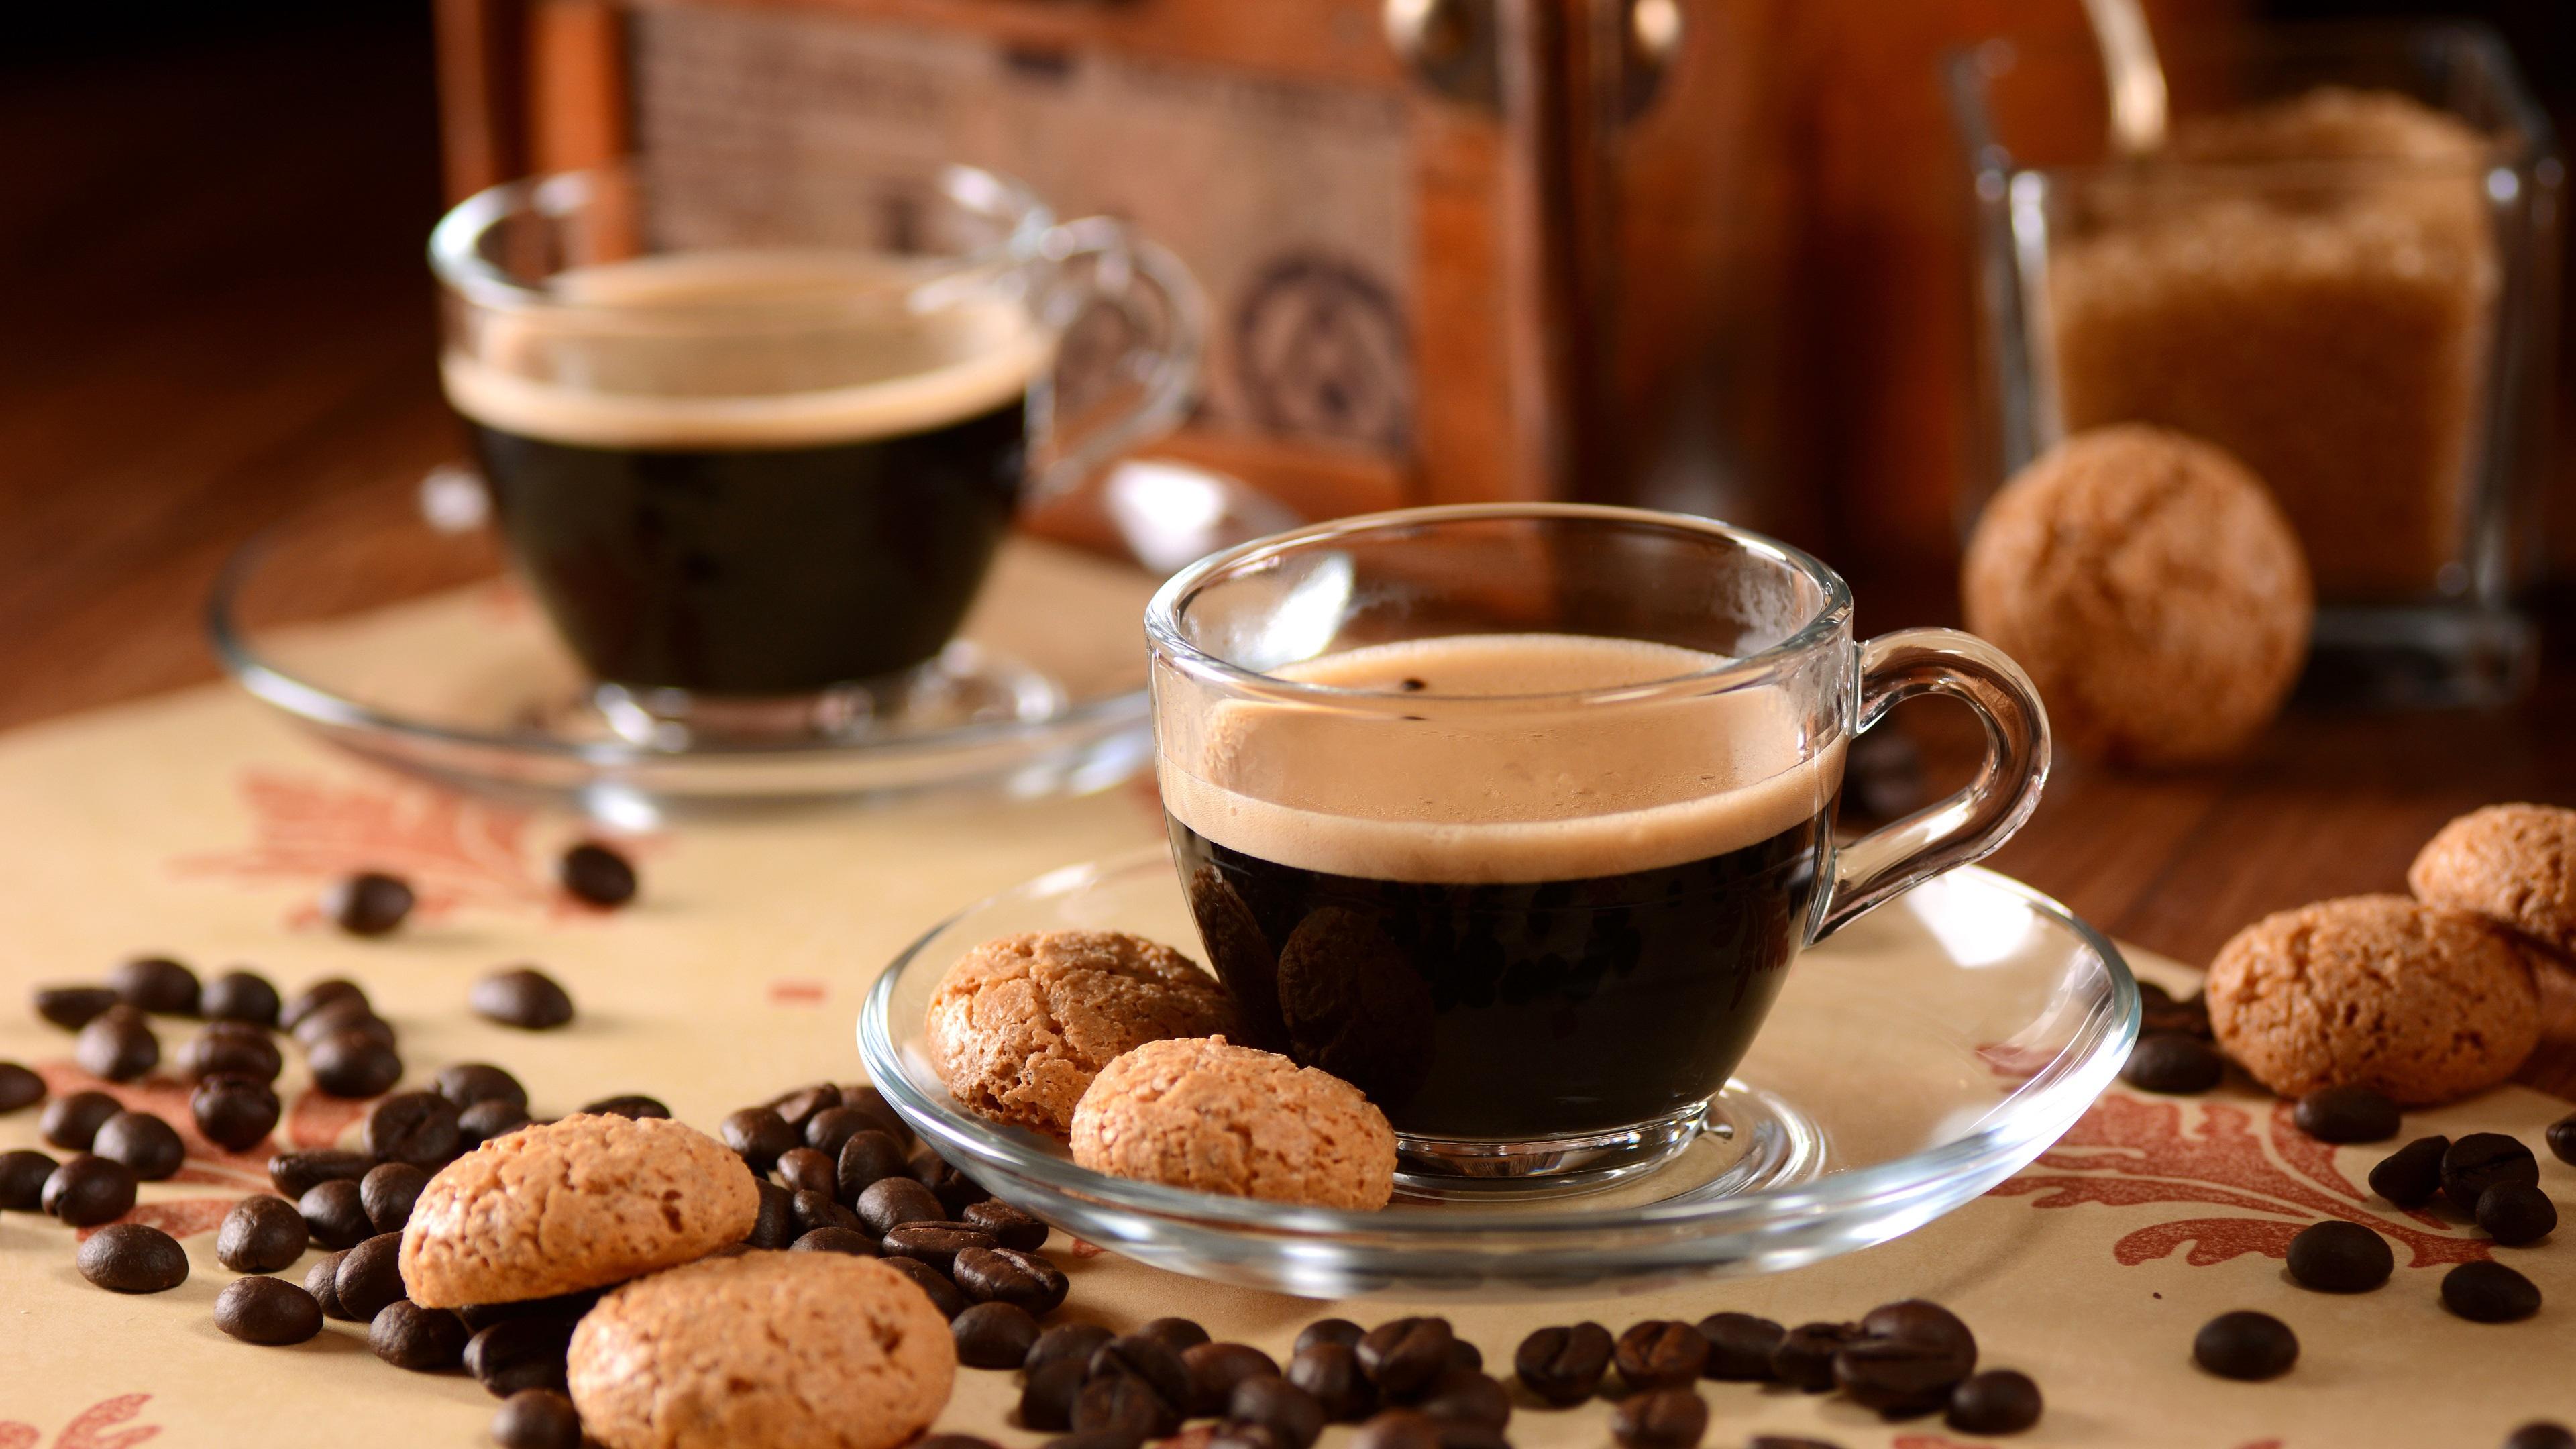 Resultado de imagen para cafe y galletas